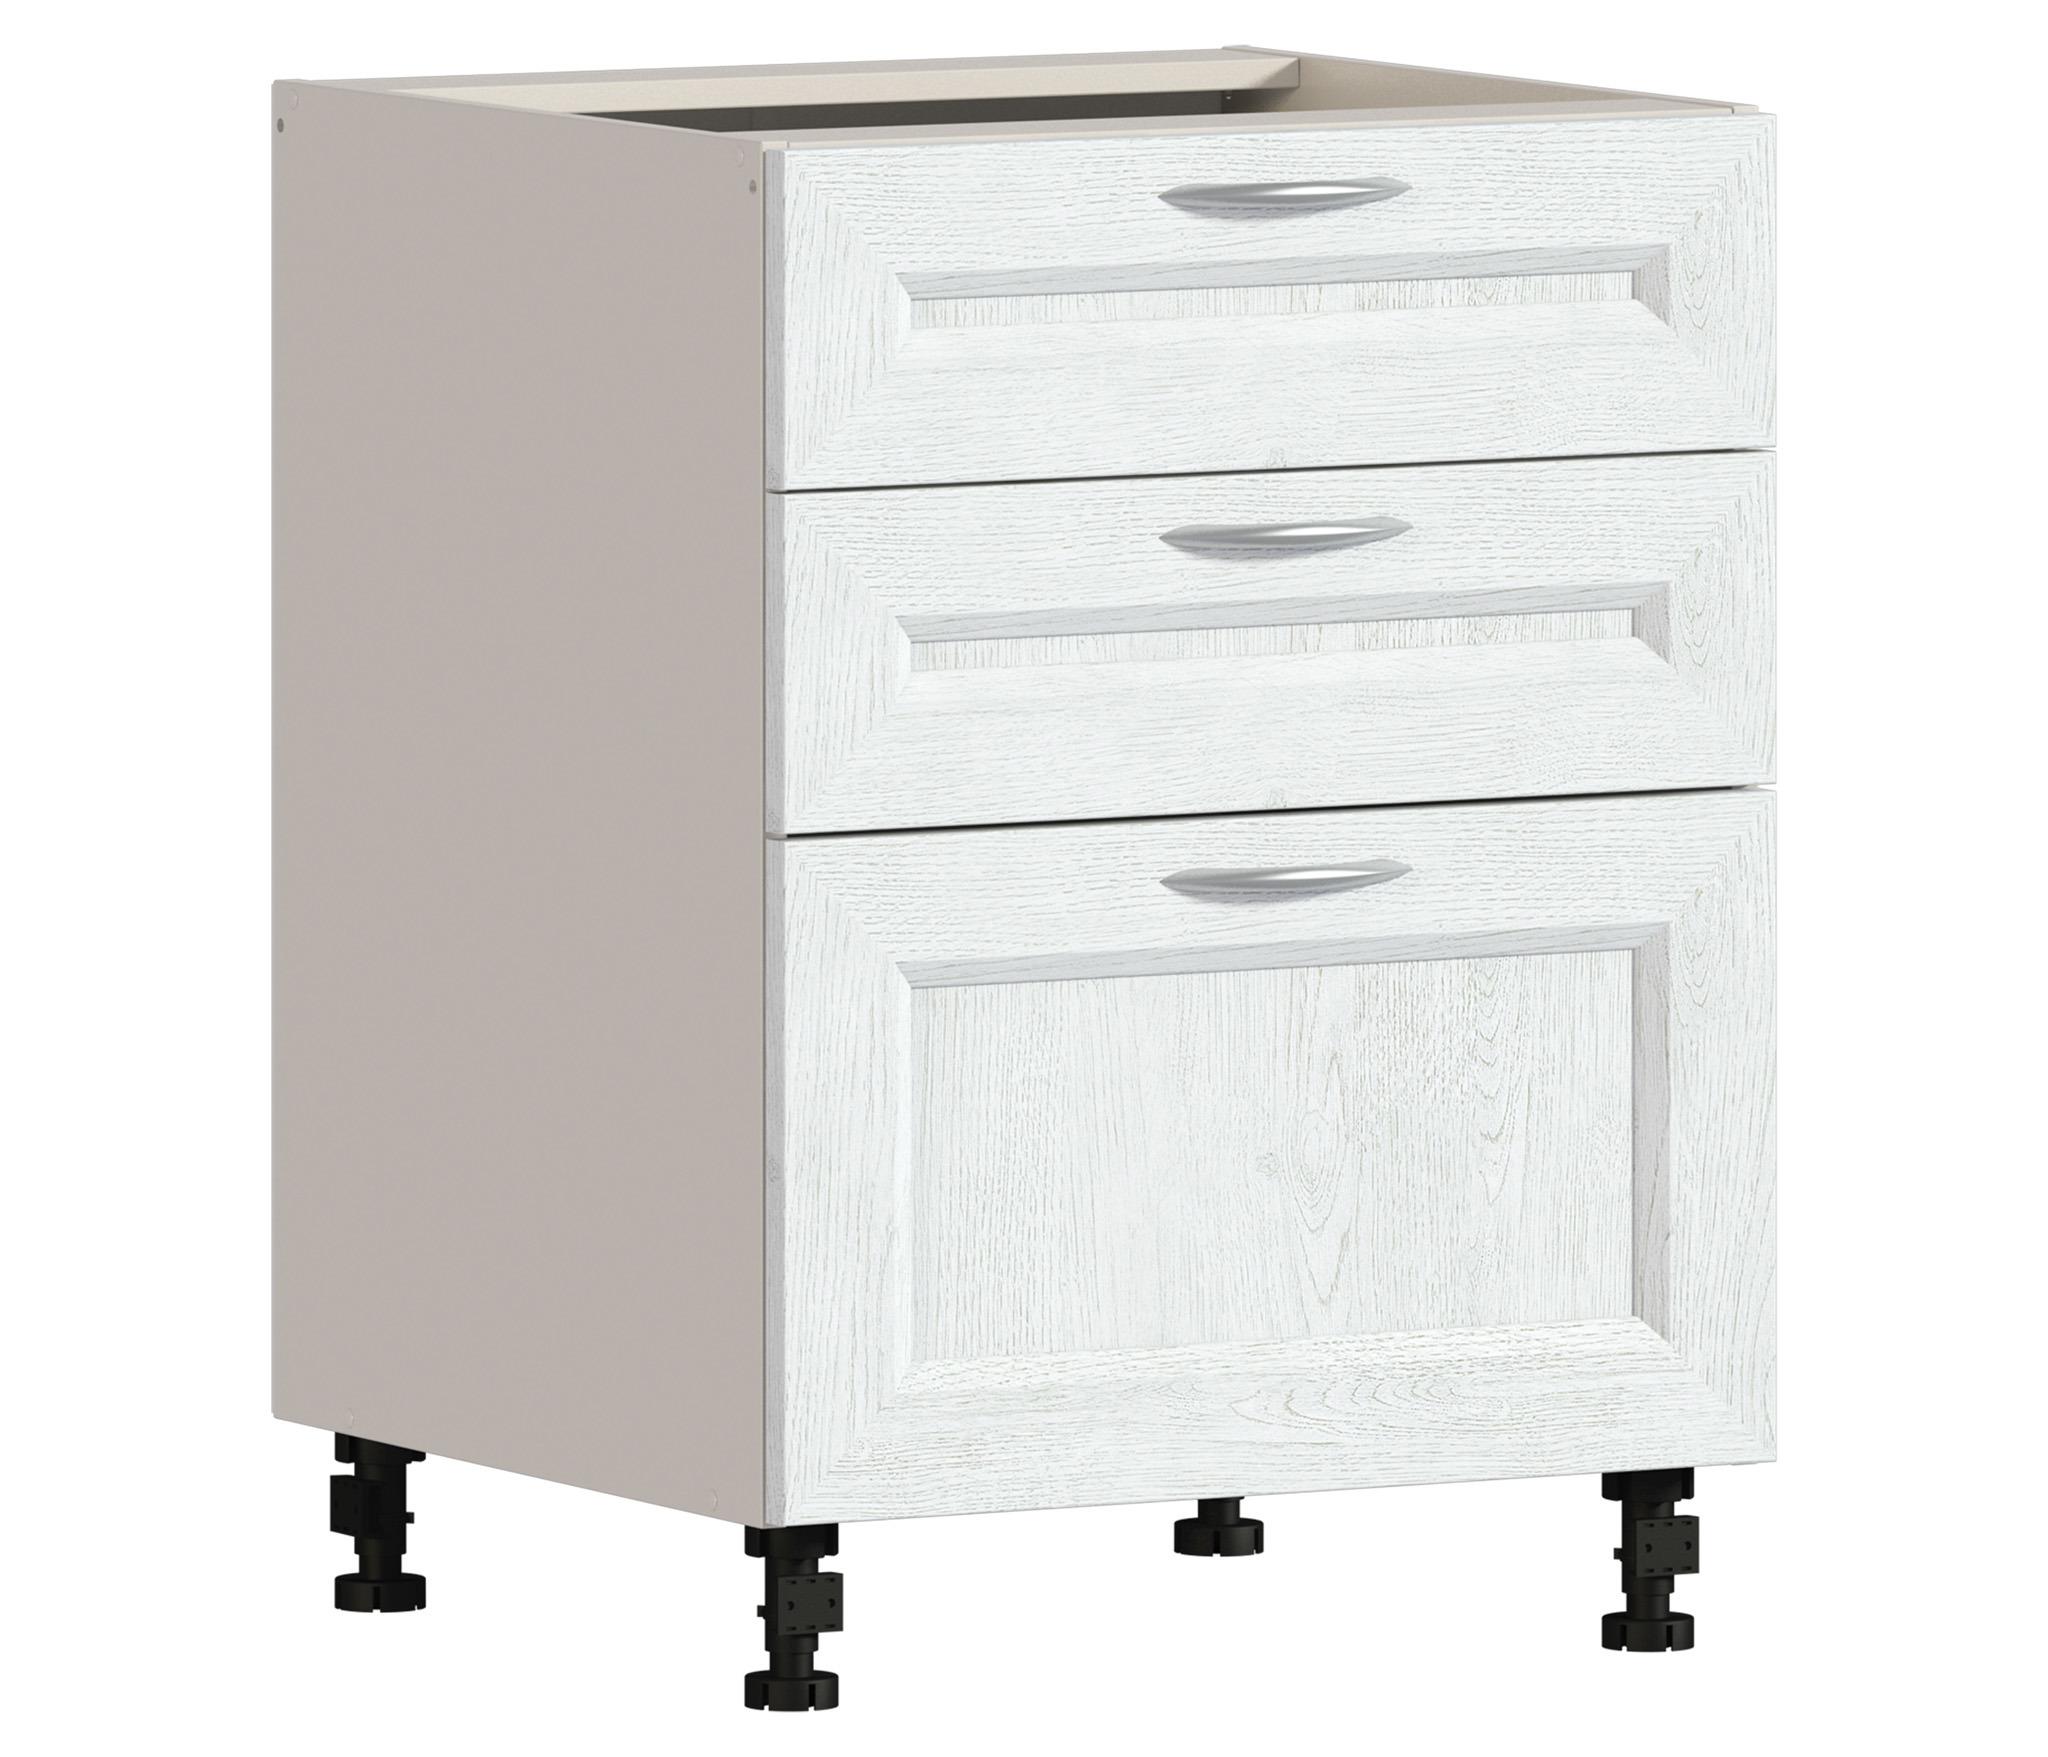 Регина РСЯ-360 Стол с ящикамиМебель для кухни<br><br><br>Длина мм: 600<br>Высота мм: 820<br>Глубина мм: 563